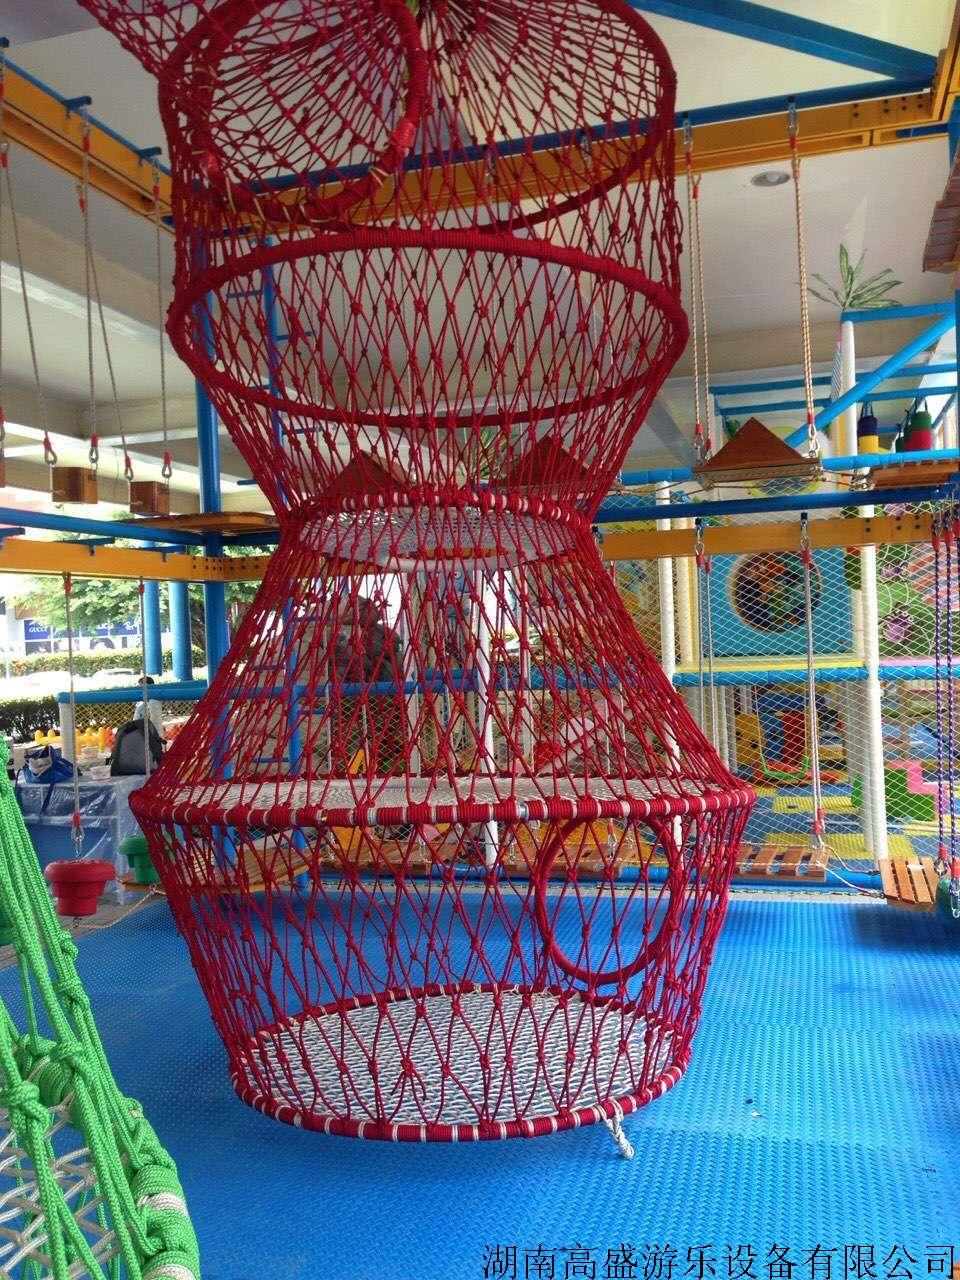 兒童拓展樂園|兒童拓展價格|兒童拓展樂園加盟|兒童拓展樂園圖片